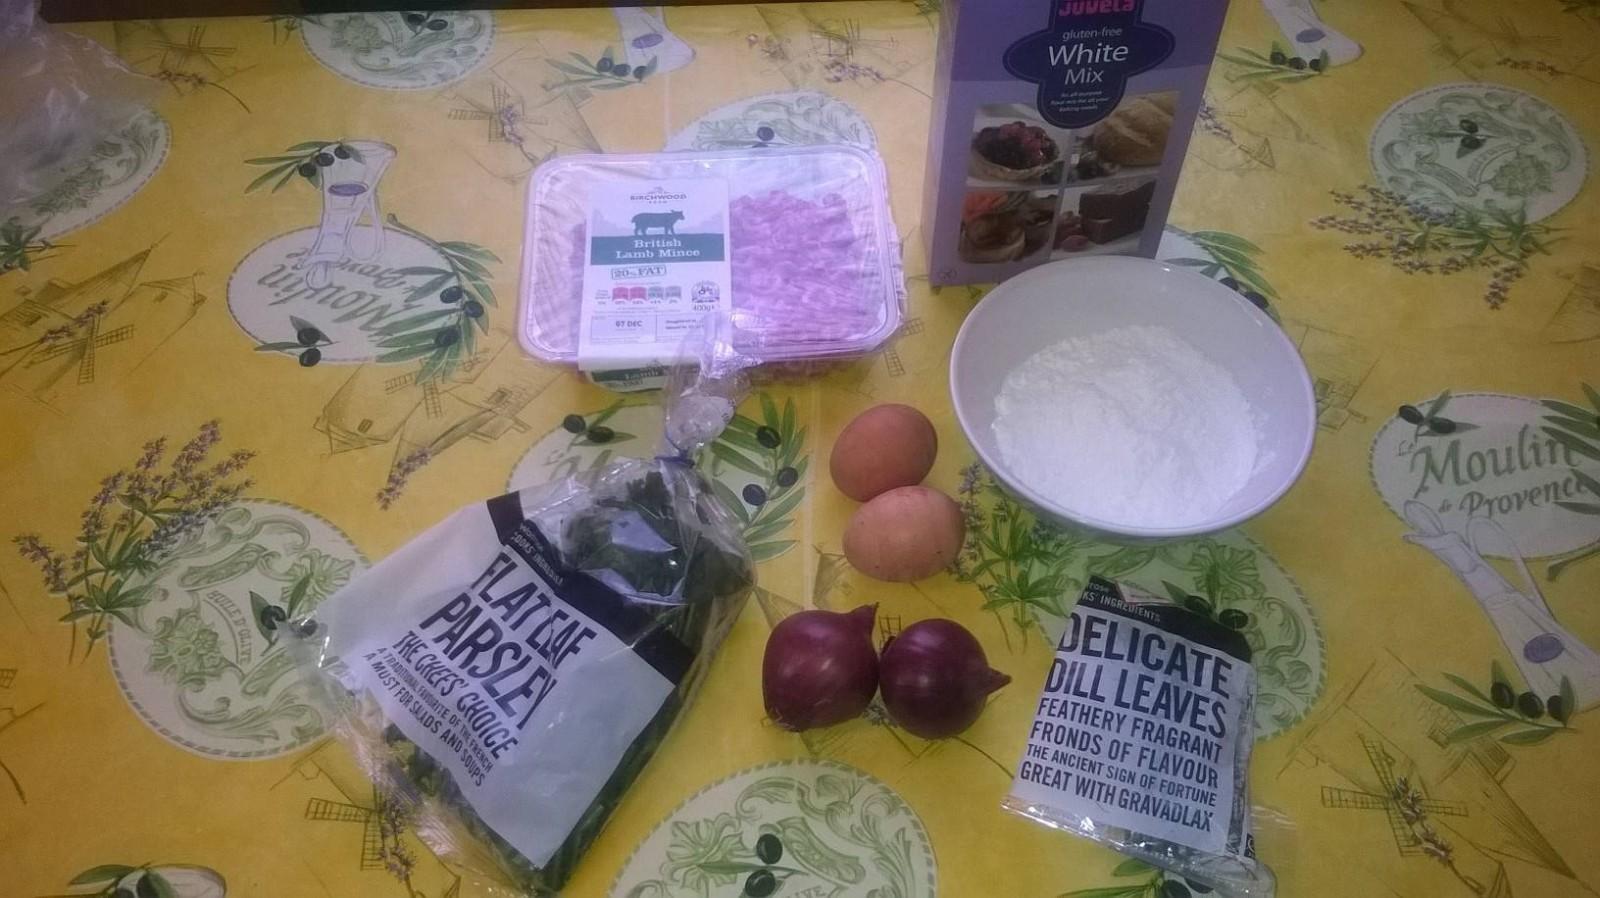 Gluten free burger ingredients